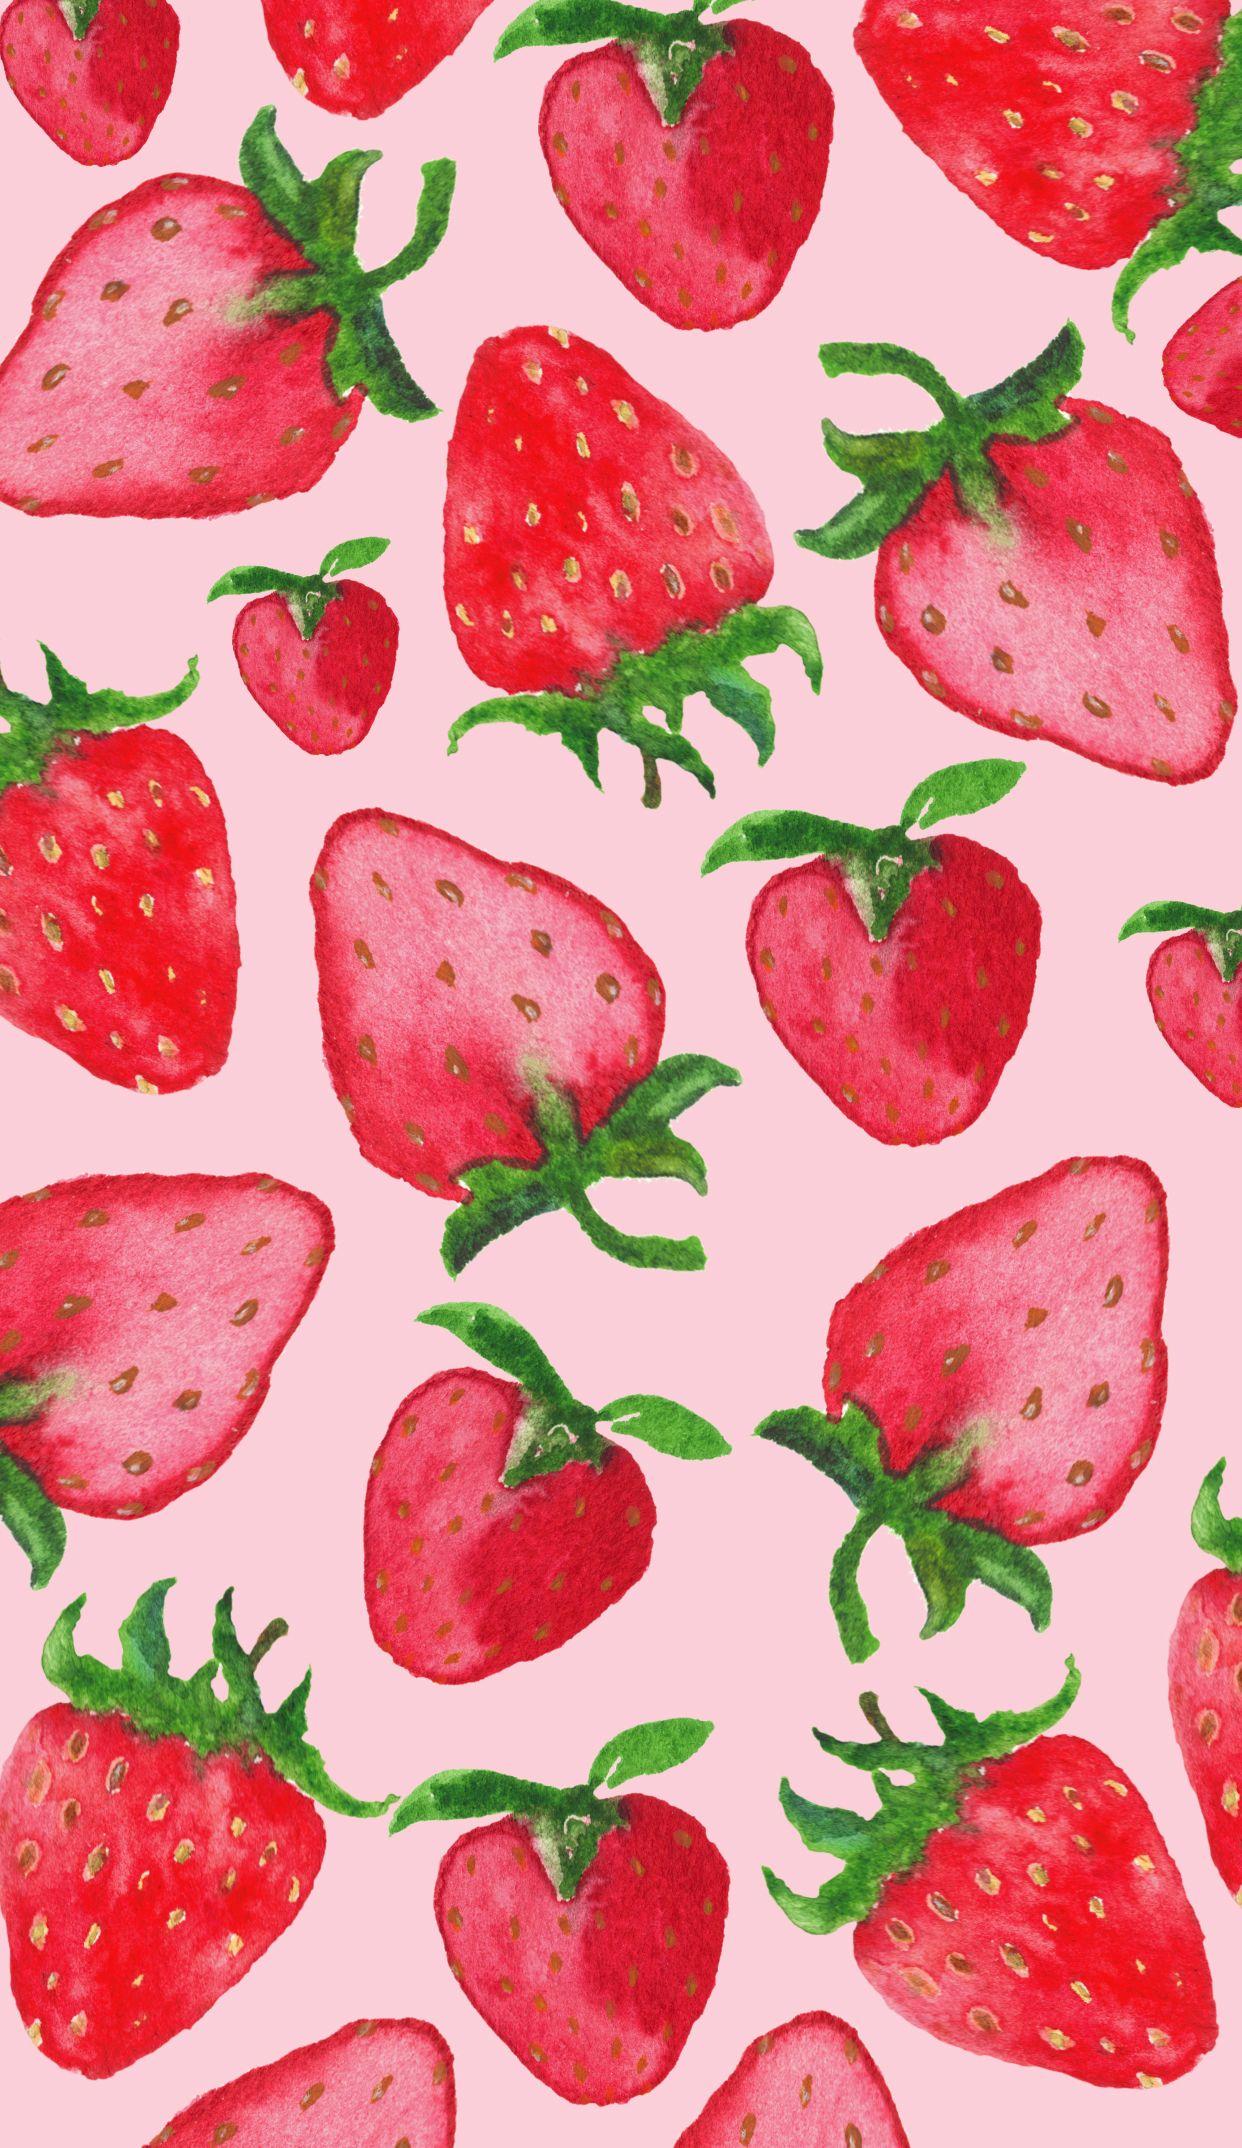 Strawberry Iphone6plus Jpg 1242 2148 フルーツ イラスト いちご イラスト おしゃれな壁紙背景